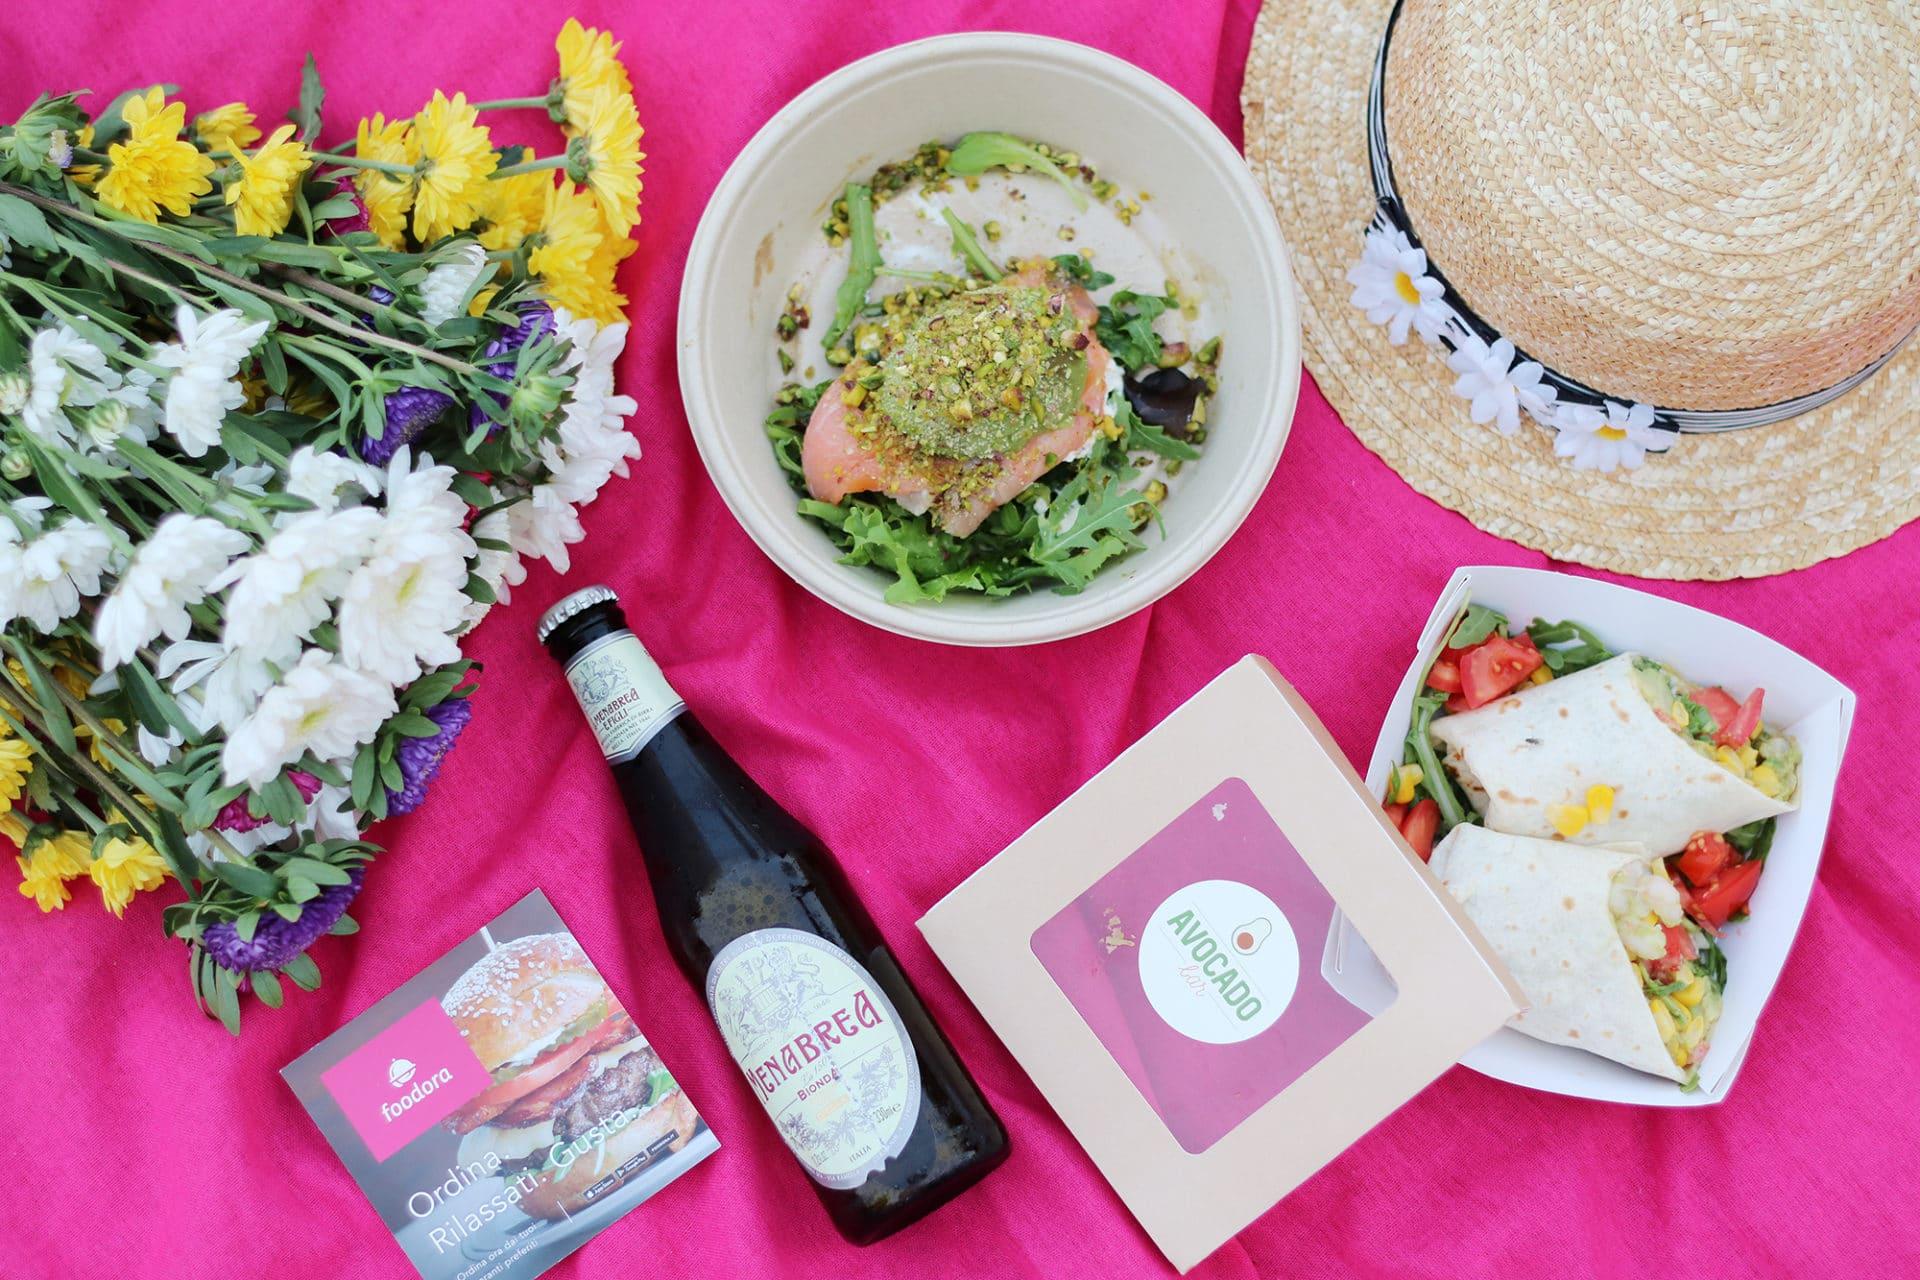 Come organizzare un picnic al parco con foodora for Organizzare giardino